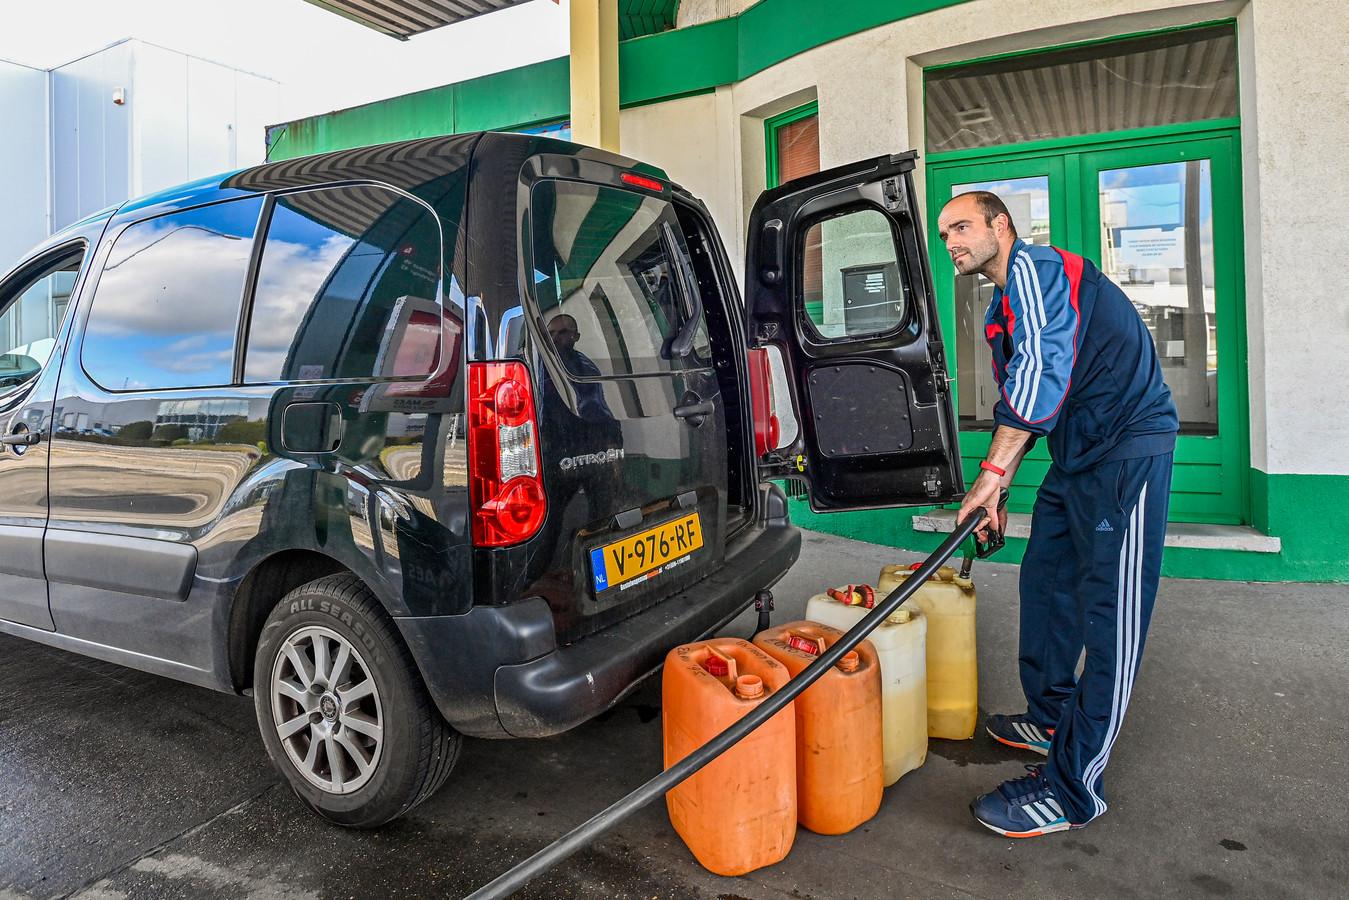 Door de stijgende benzineprijzen neemt het tanktoerisme in België toe, want het prijsverschil tussen Nederlandse en Belgische brandstof wordt alsmaar groter.